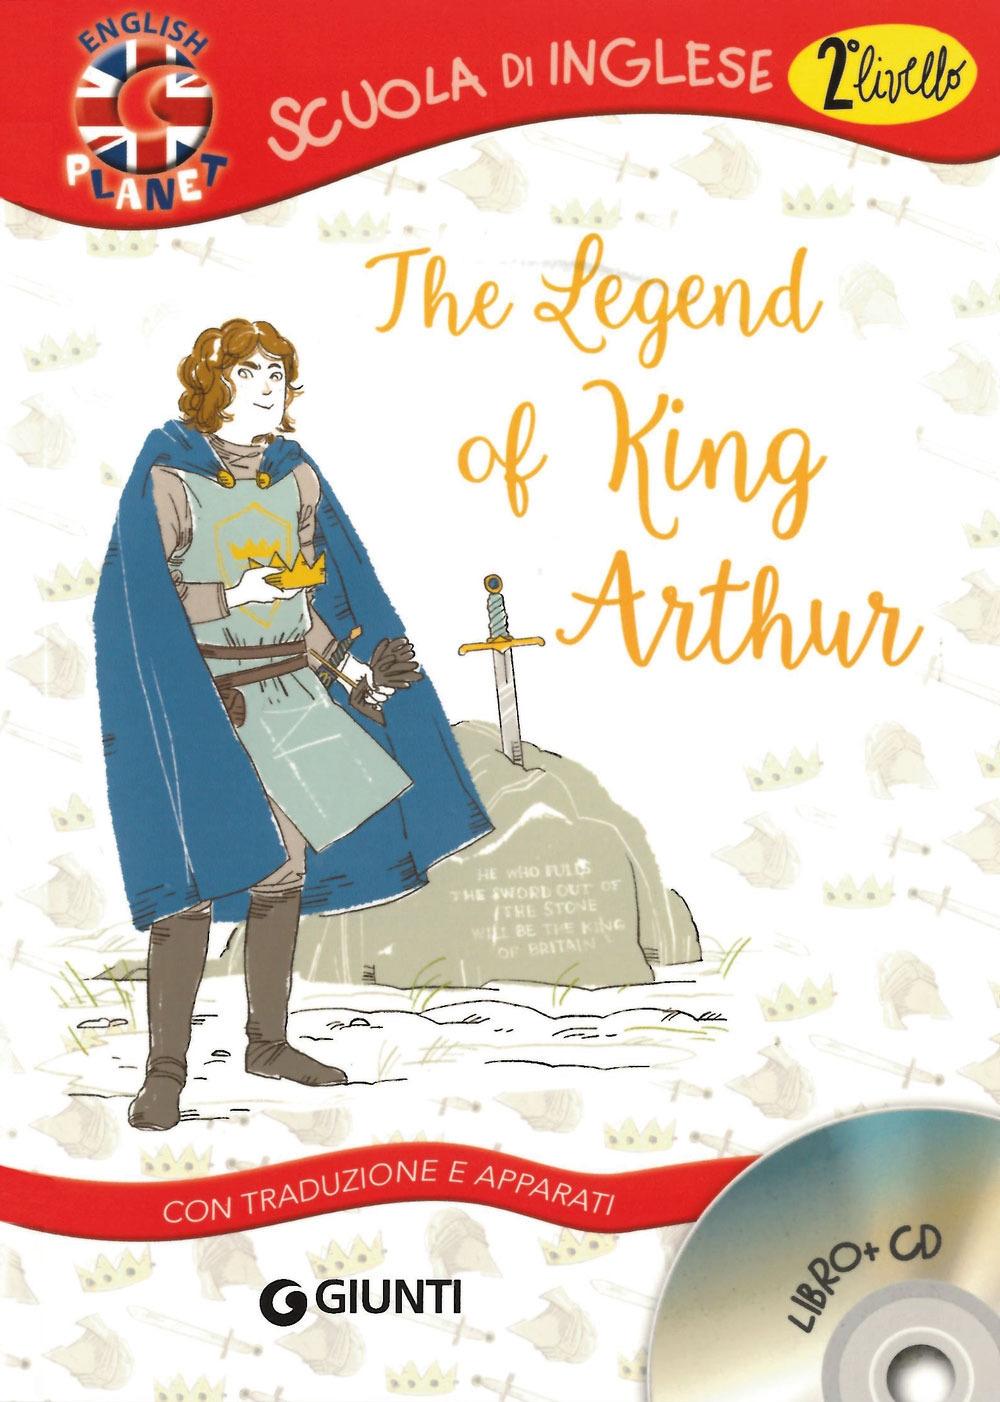 The legend of King Arthur. Con traduzione e dizionario. Con CD Audio.